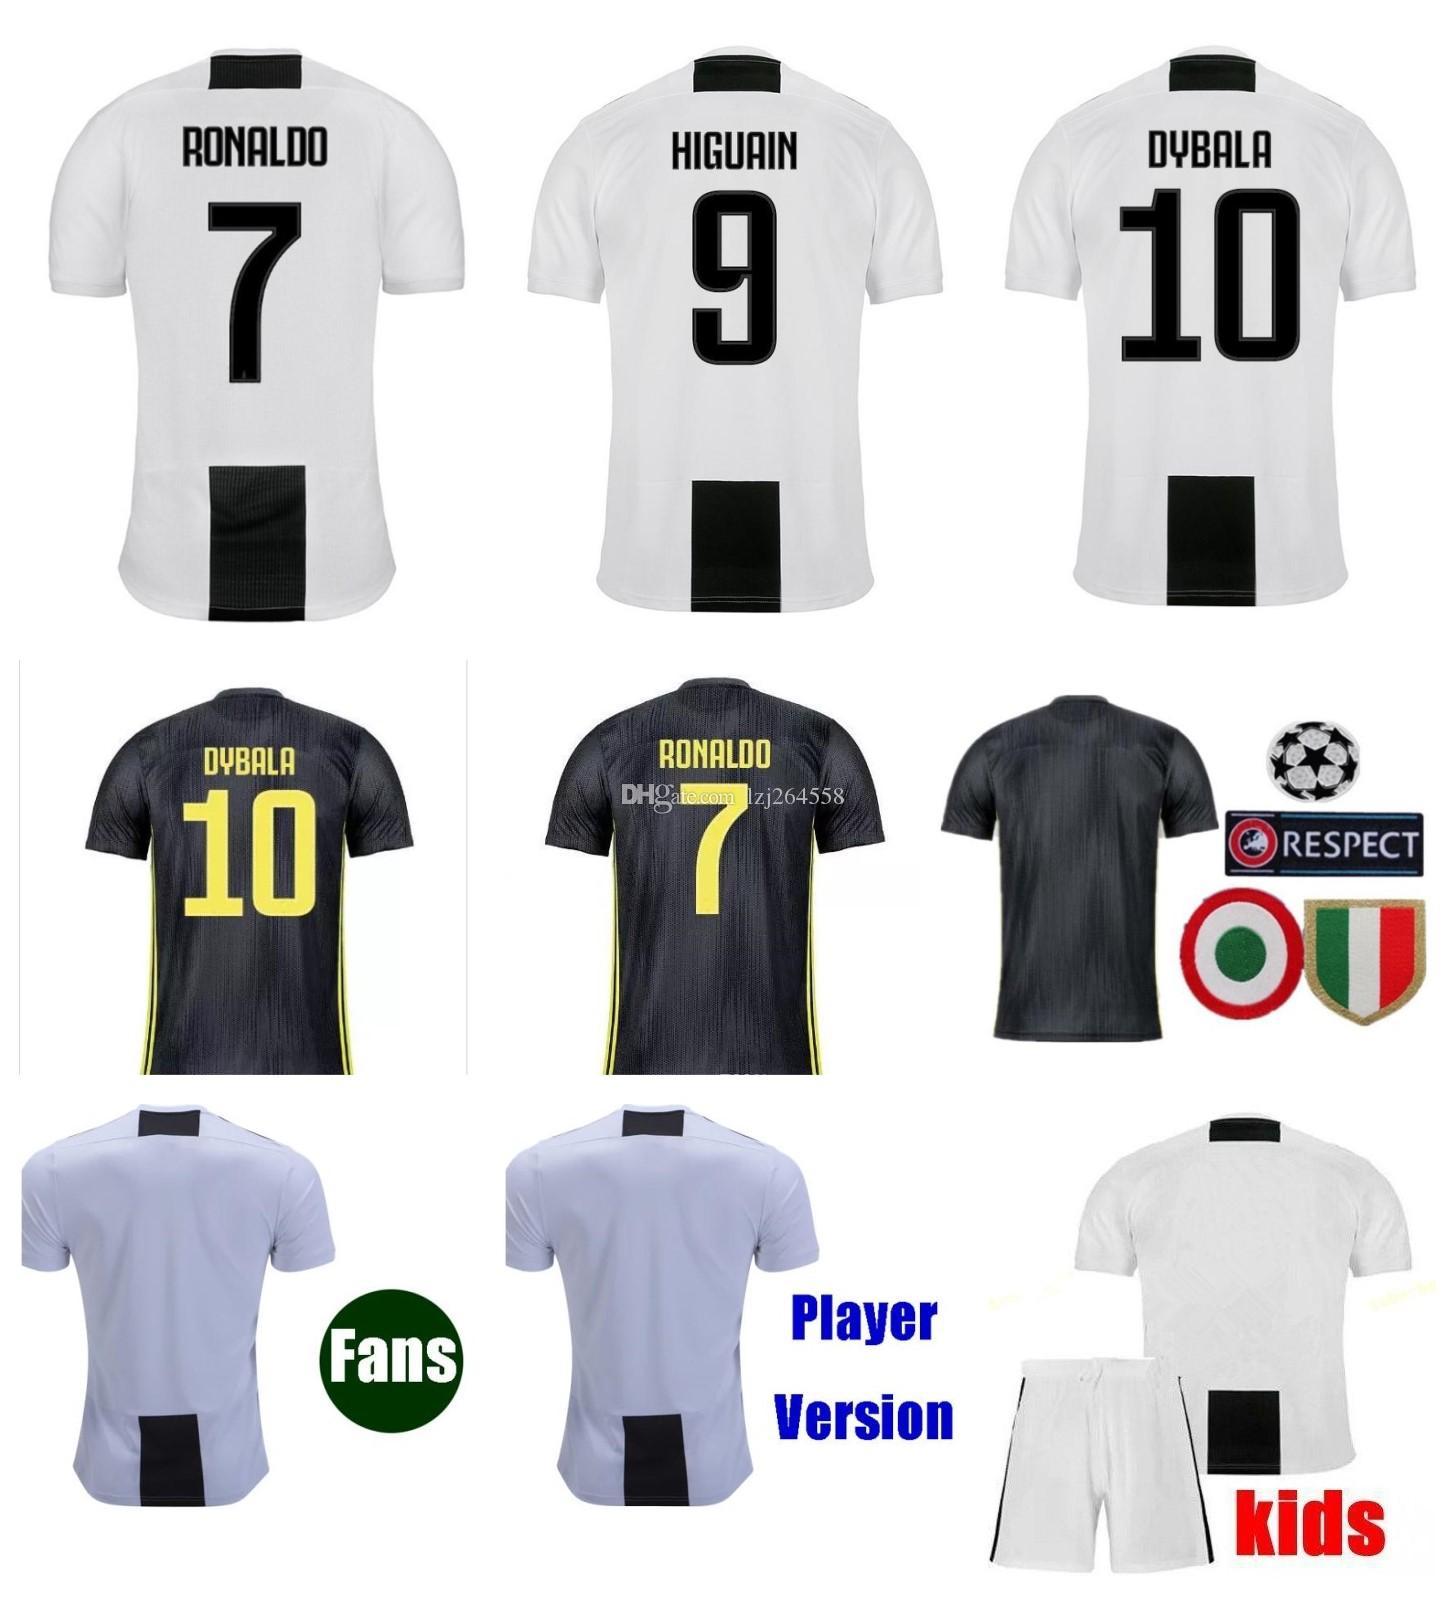 2018 Top Thai RONALDO JUVENTUS Soccer Jersey 2018 2019 DYBALA HIGUAIN  Football Shirt MANDZUKIC Uniform Fans Player CR7 18 19 Men Women Kids S 4XL  From . a2ed8780b